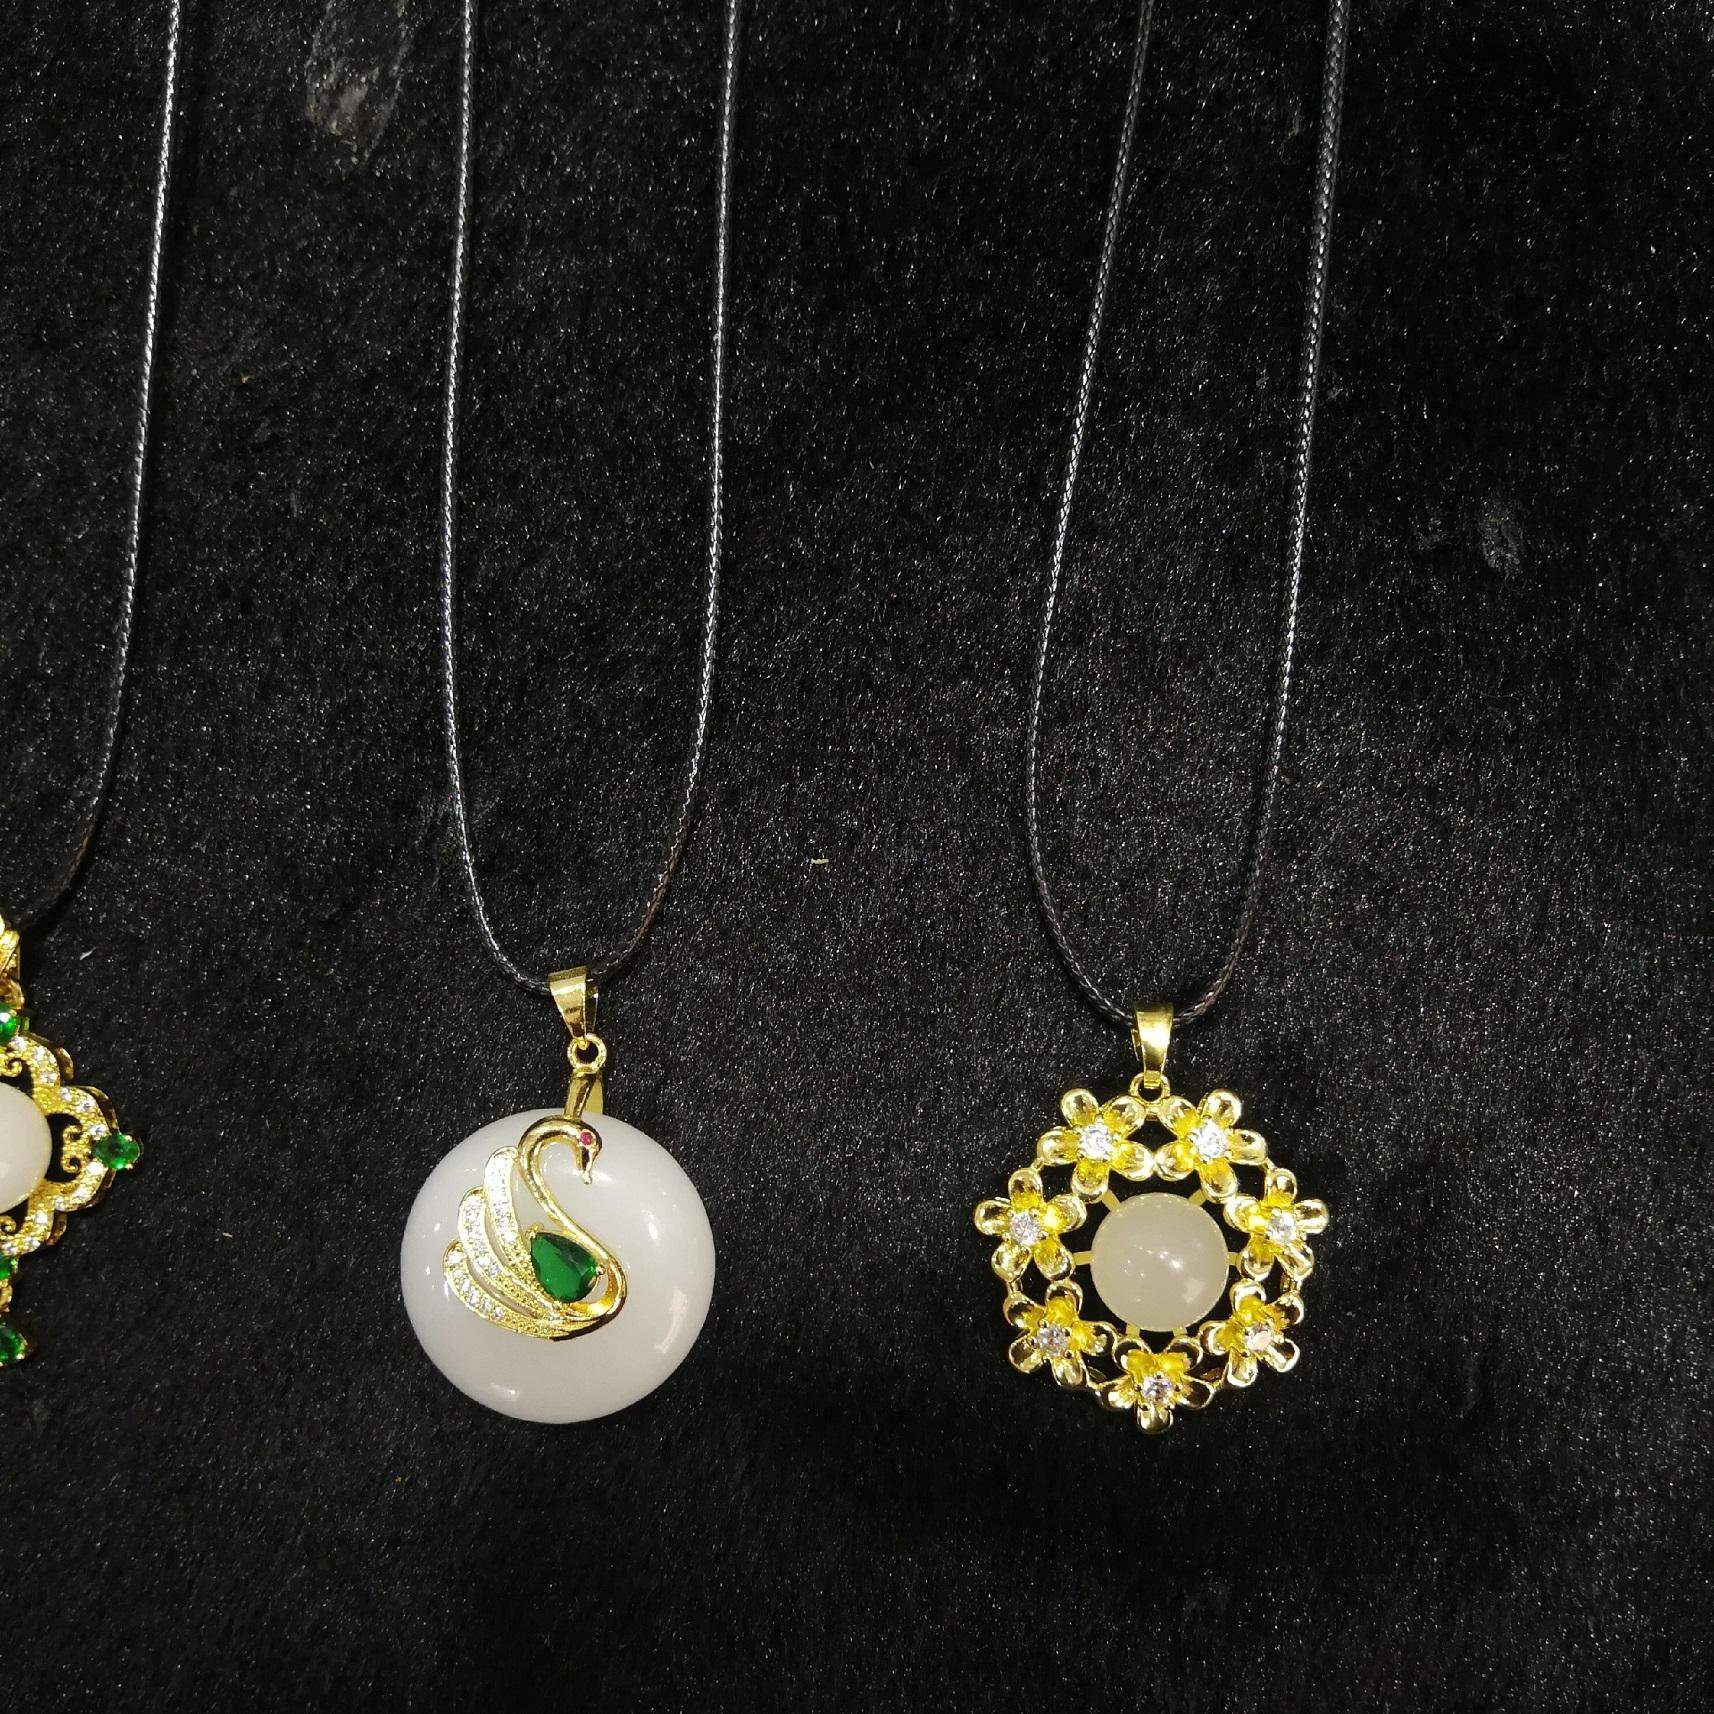 玉石工艺品